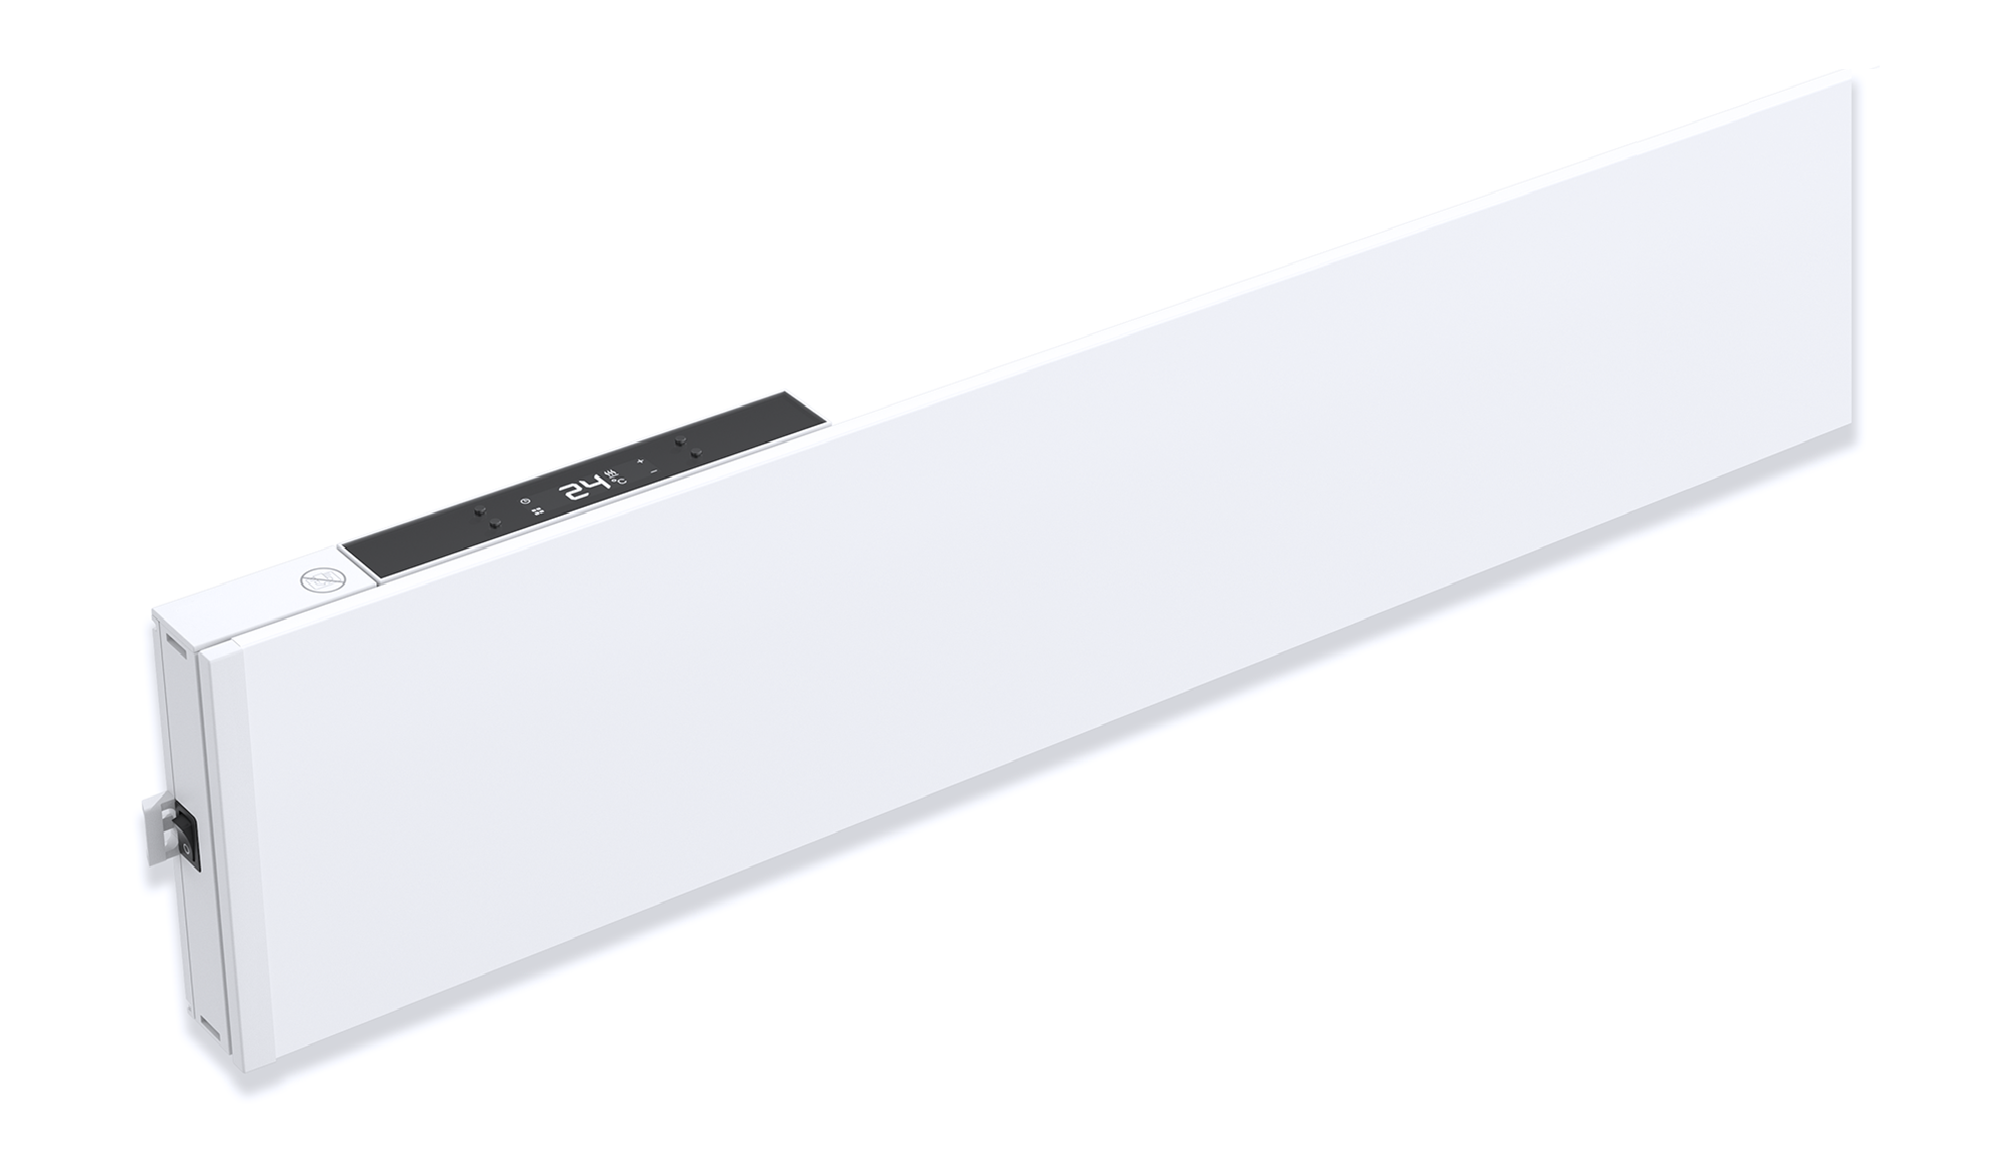 FX16p med PLT termostatplugg